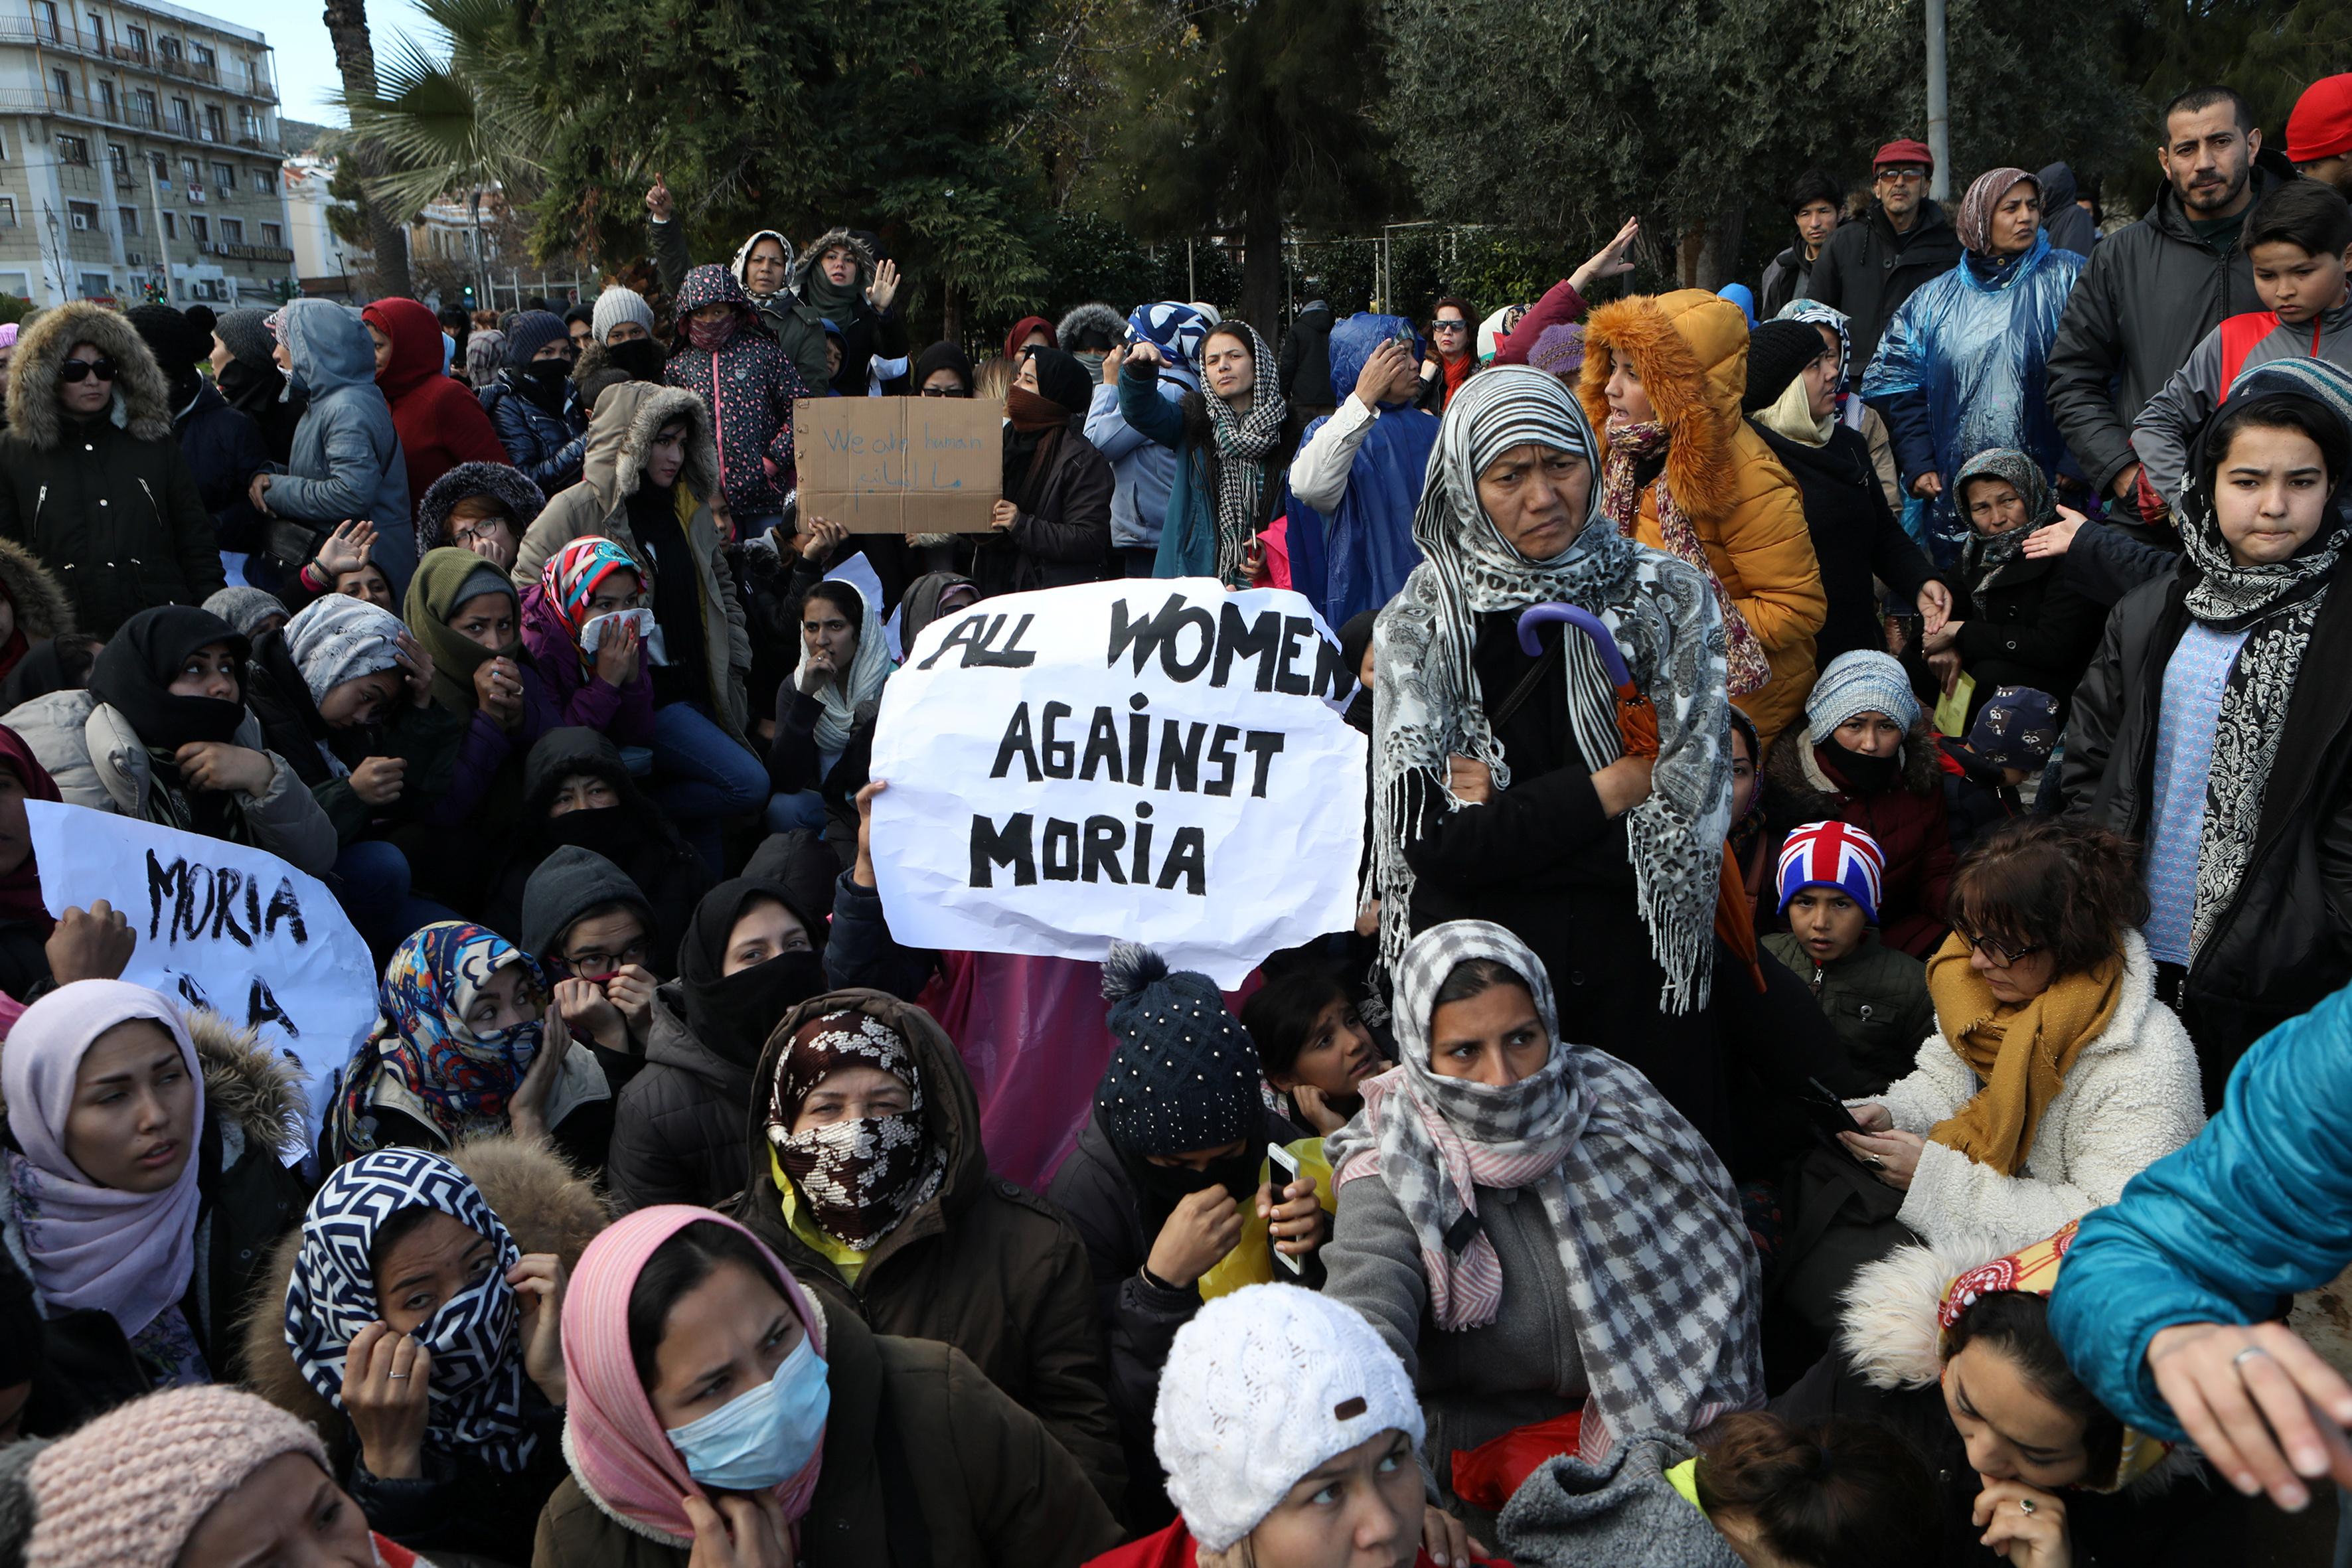 احتجاجات السيدات ضد اوضاع المخيم